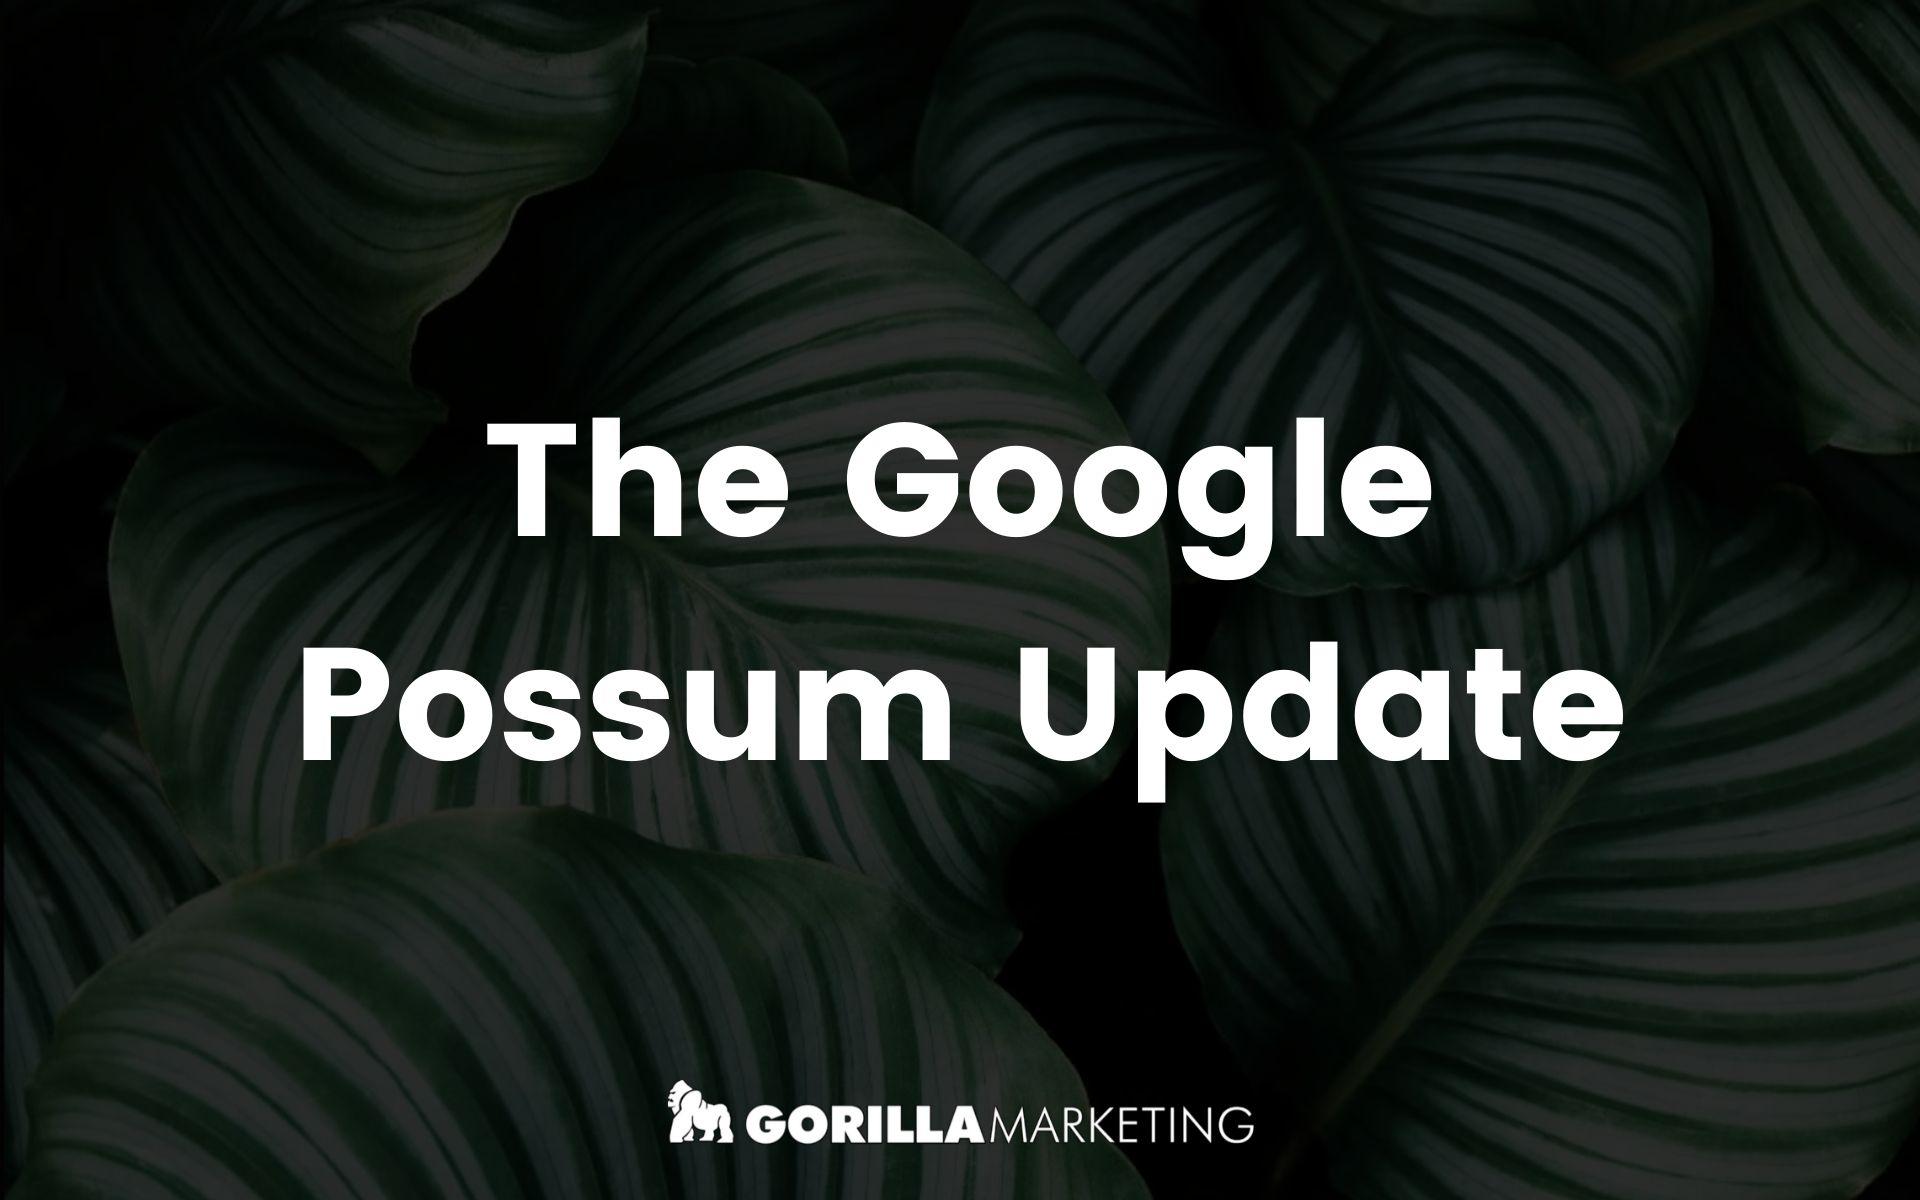 The Google Possum Update